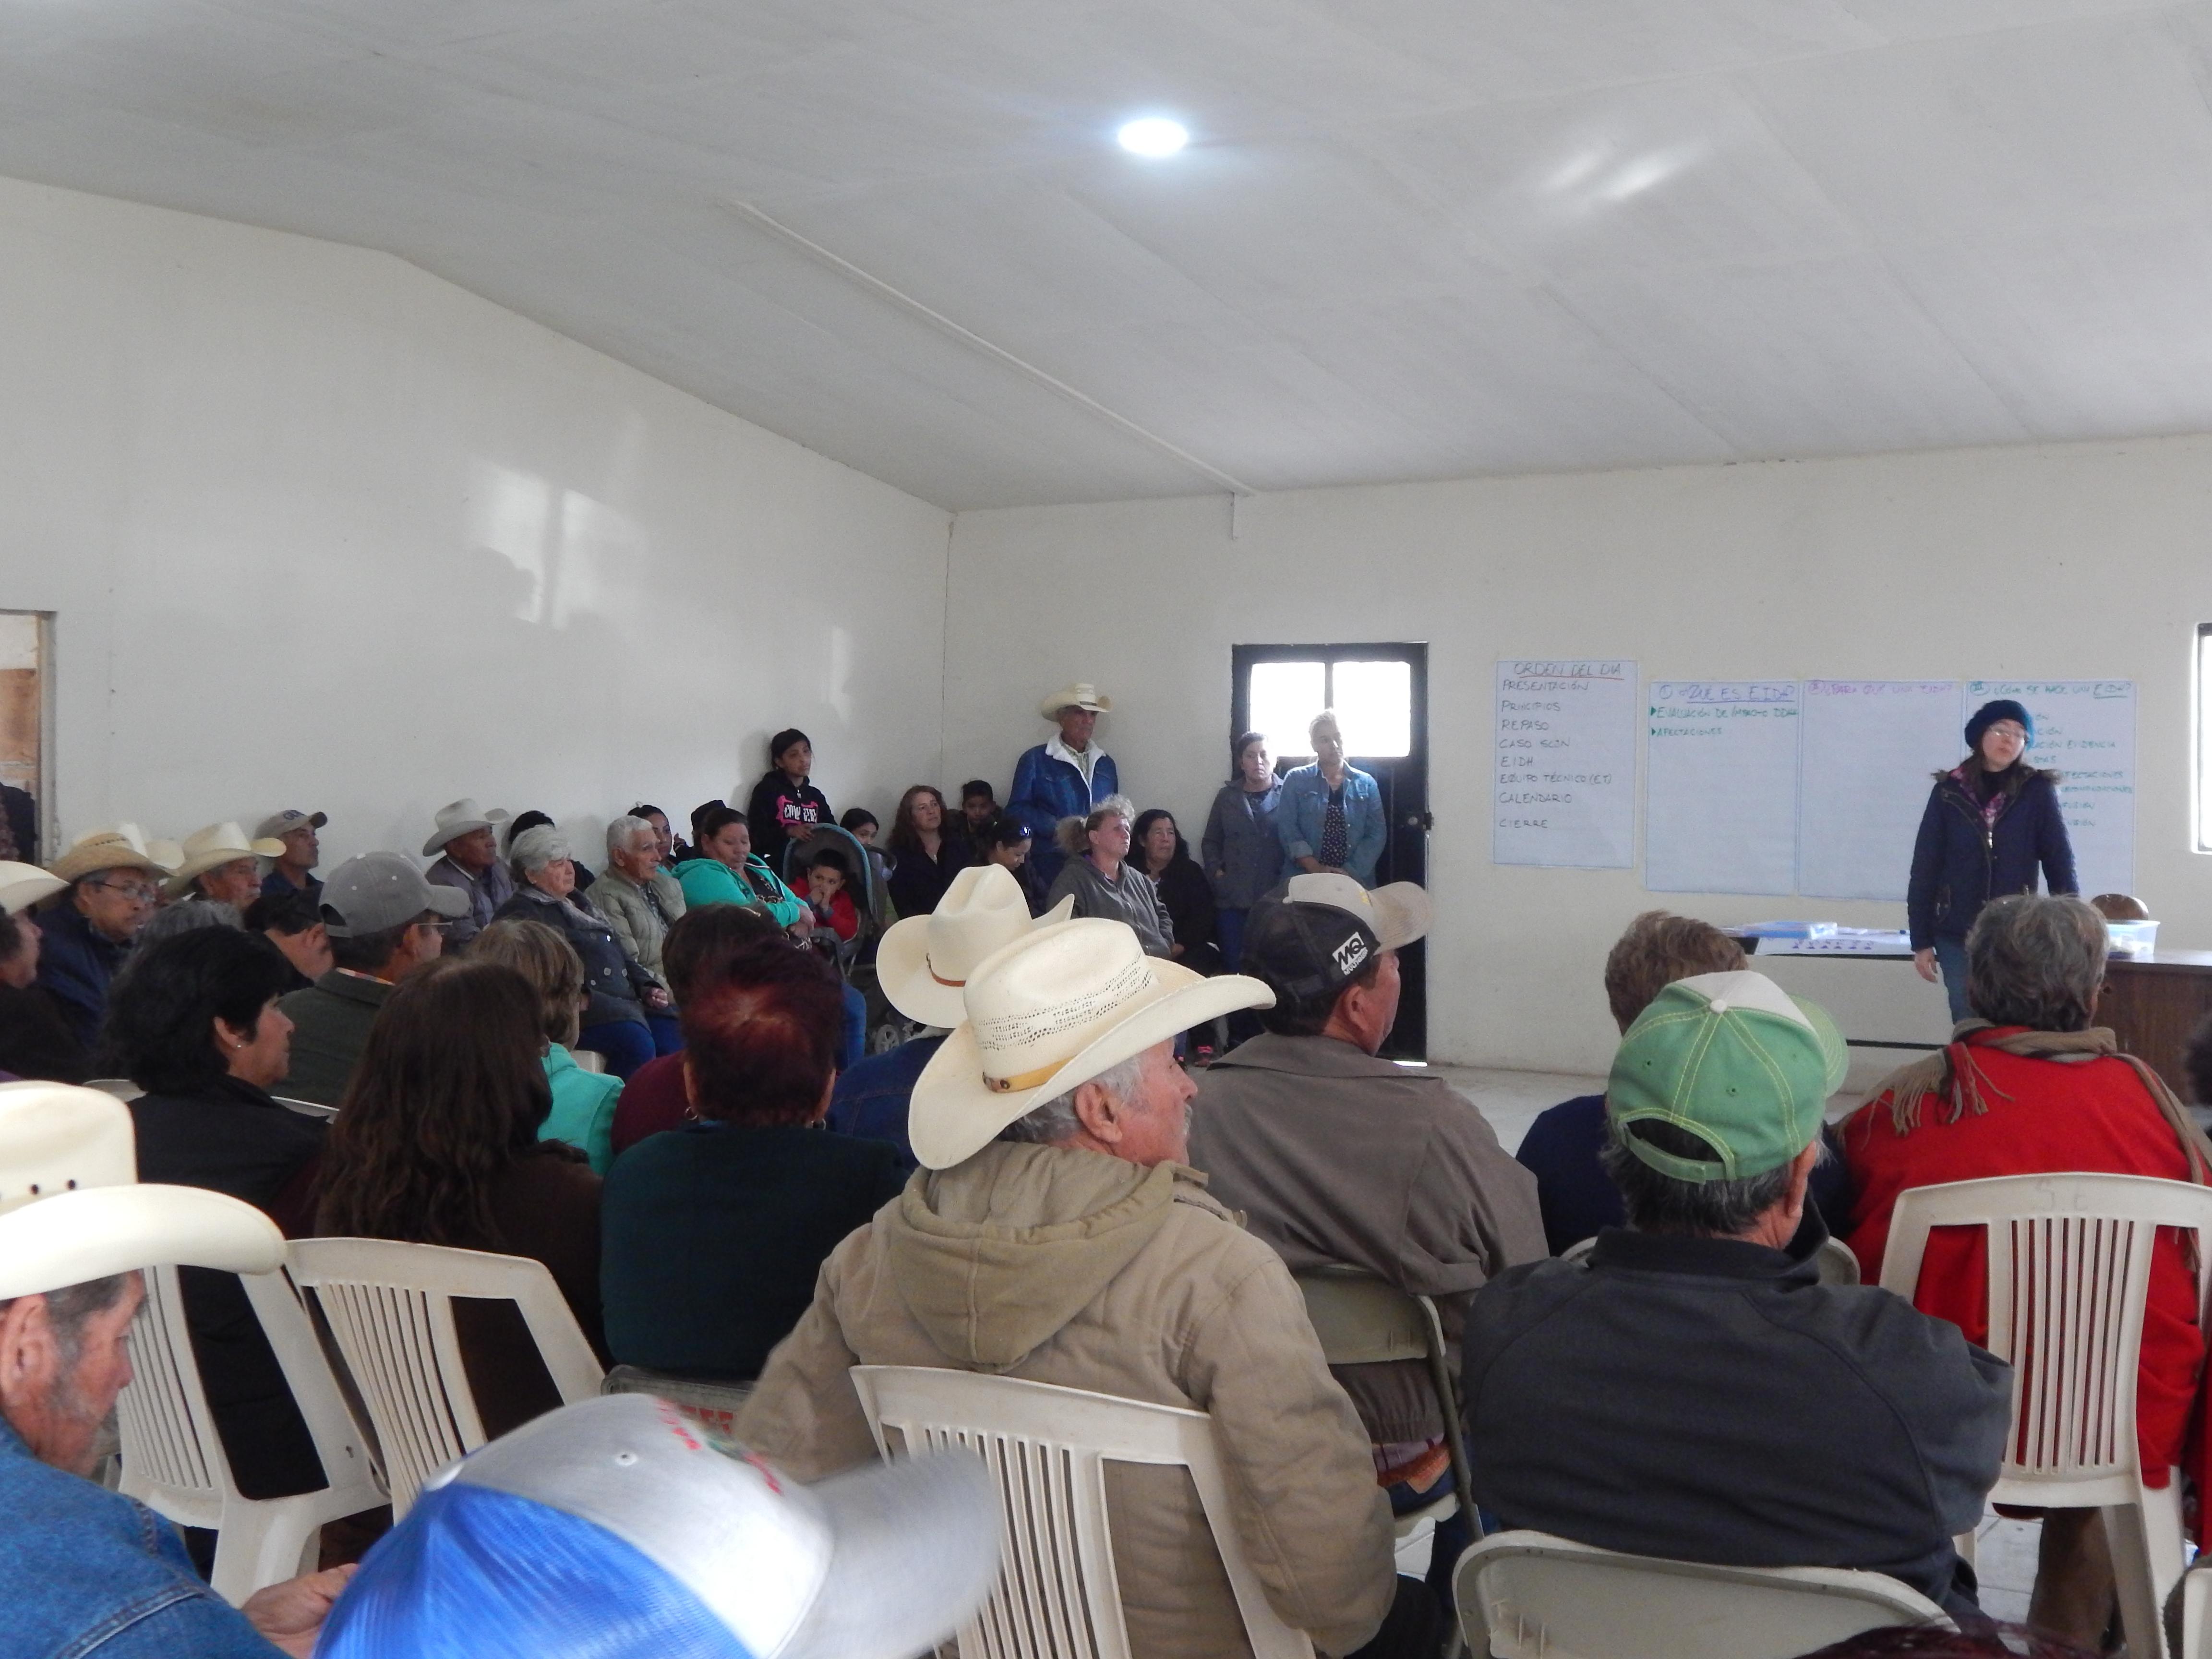 Die von der Bergbau Katastrophe betroffenen Gemeinden organisieren sich in einem Gemeindesaal, um ihre Rechte einzufordern.